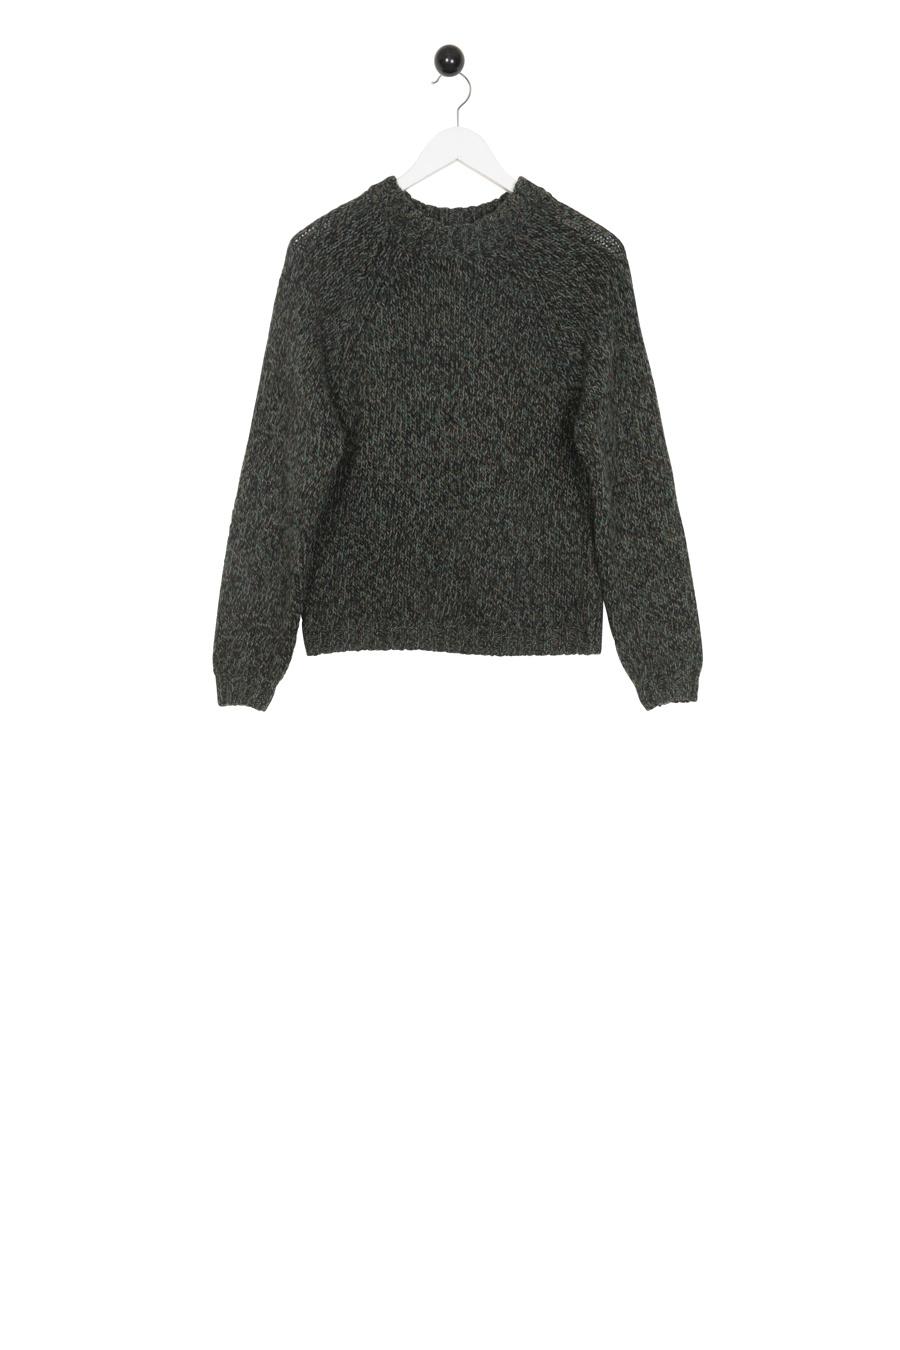 Agusa Sweater